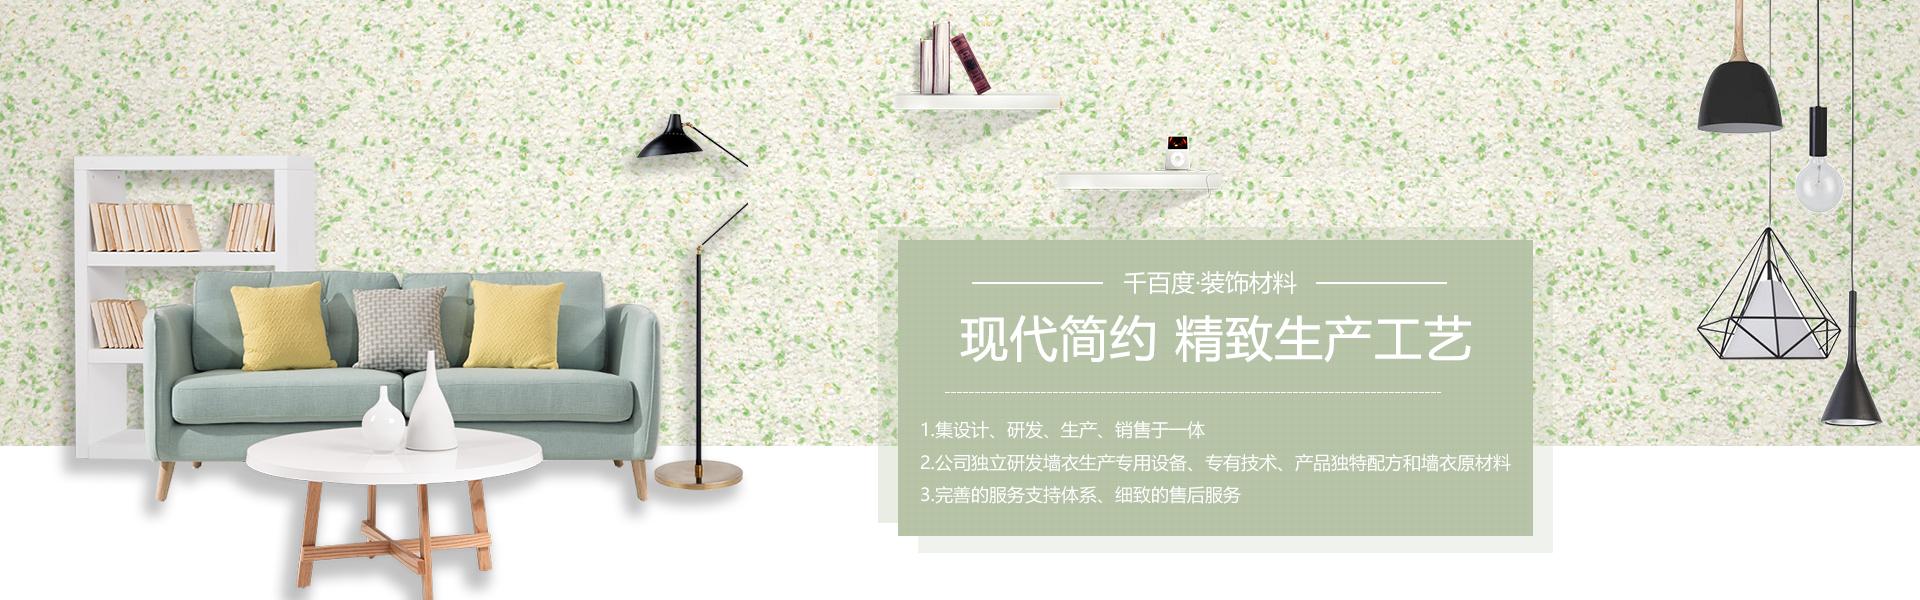 墙衣厂家,墙衣原料,墙衣代理,硅藻泥生产厂家